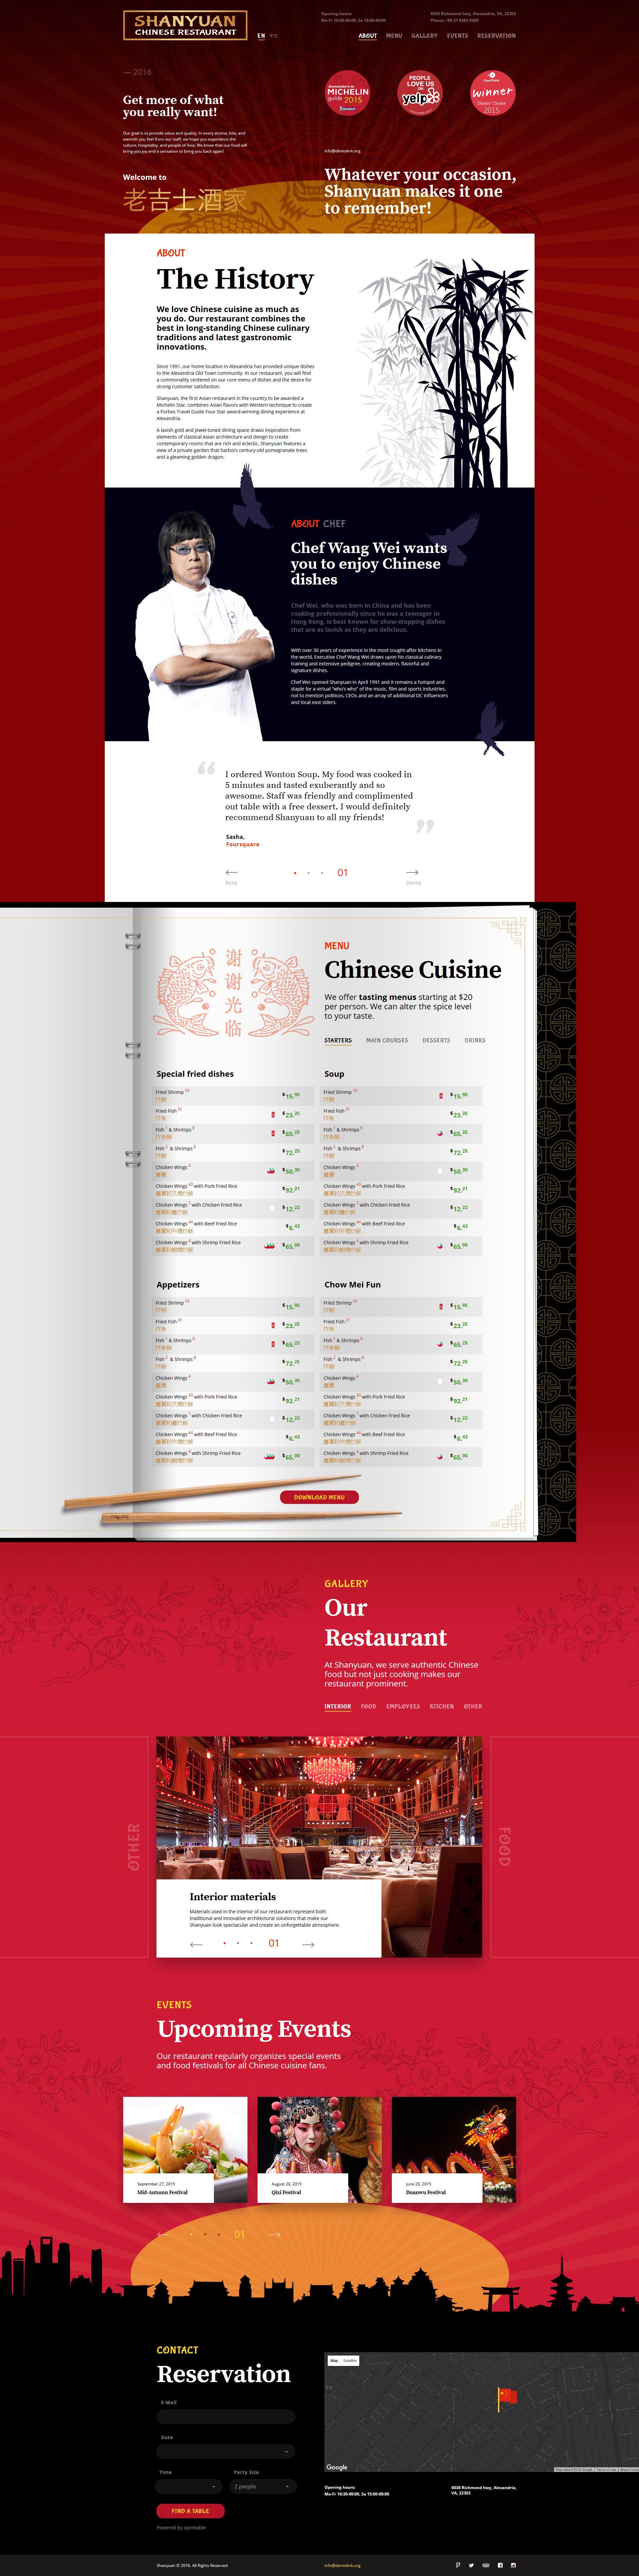 Responsive Website Vorlage für Chinesisches Restaurant #58239 - Screenshot